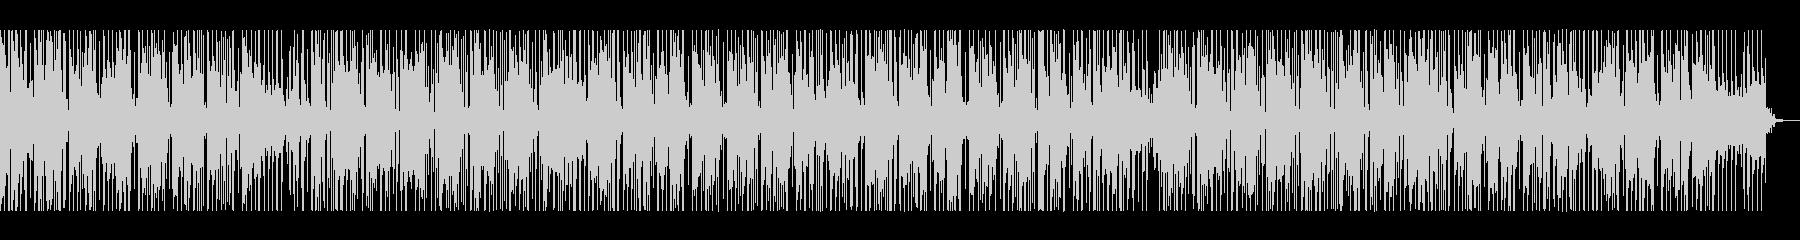 しっとりした印象のBGMの未再生の波形